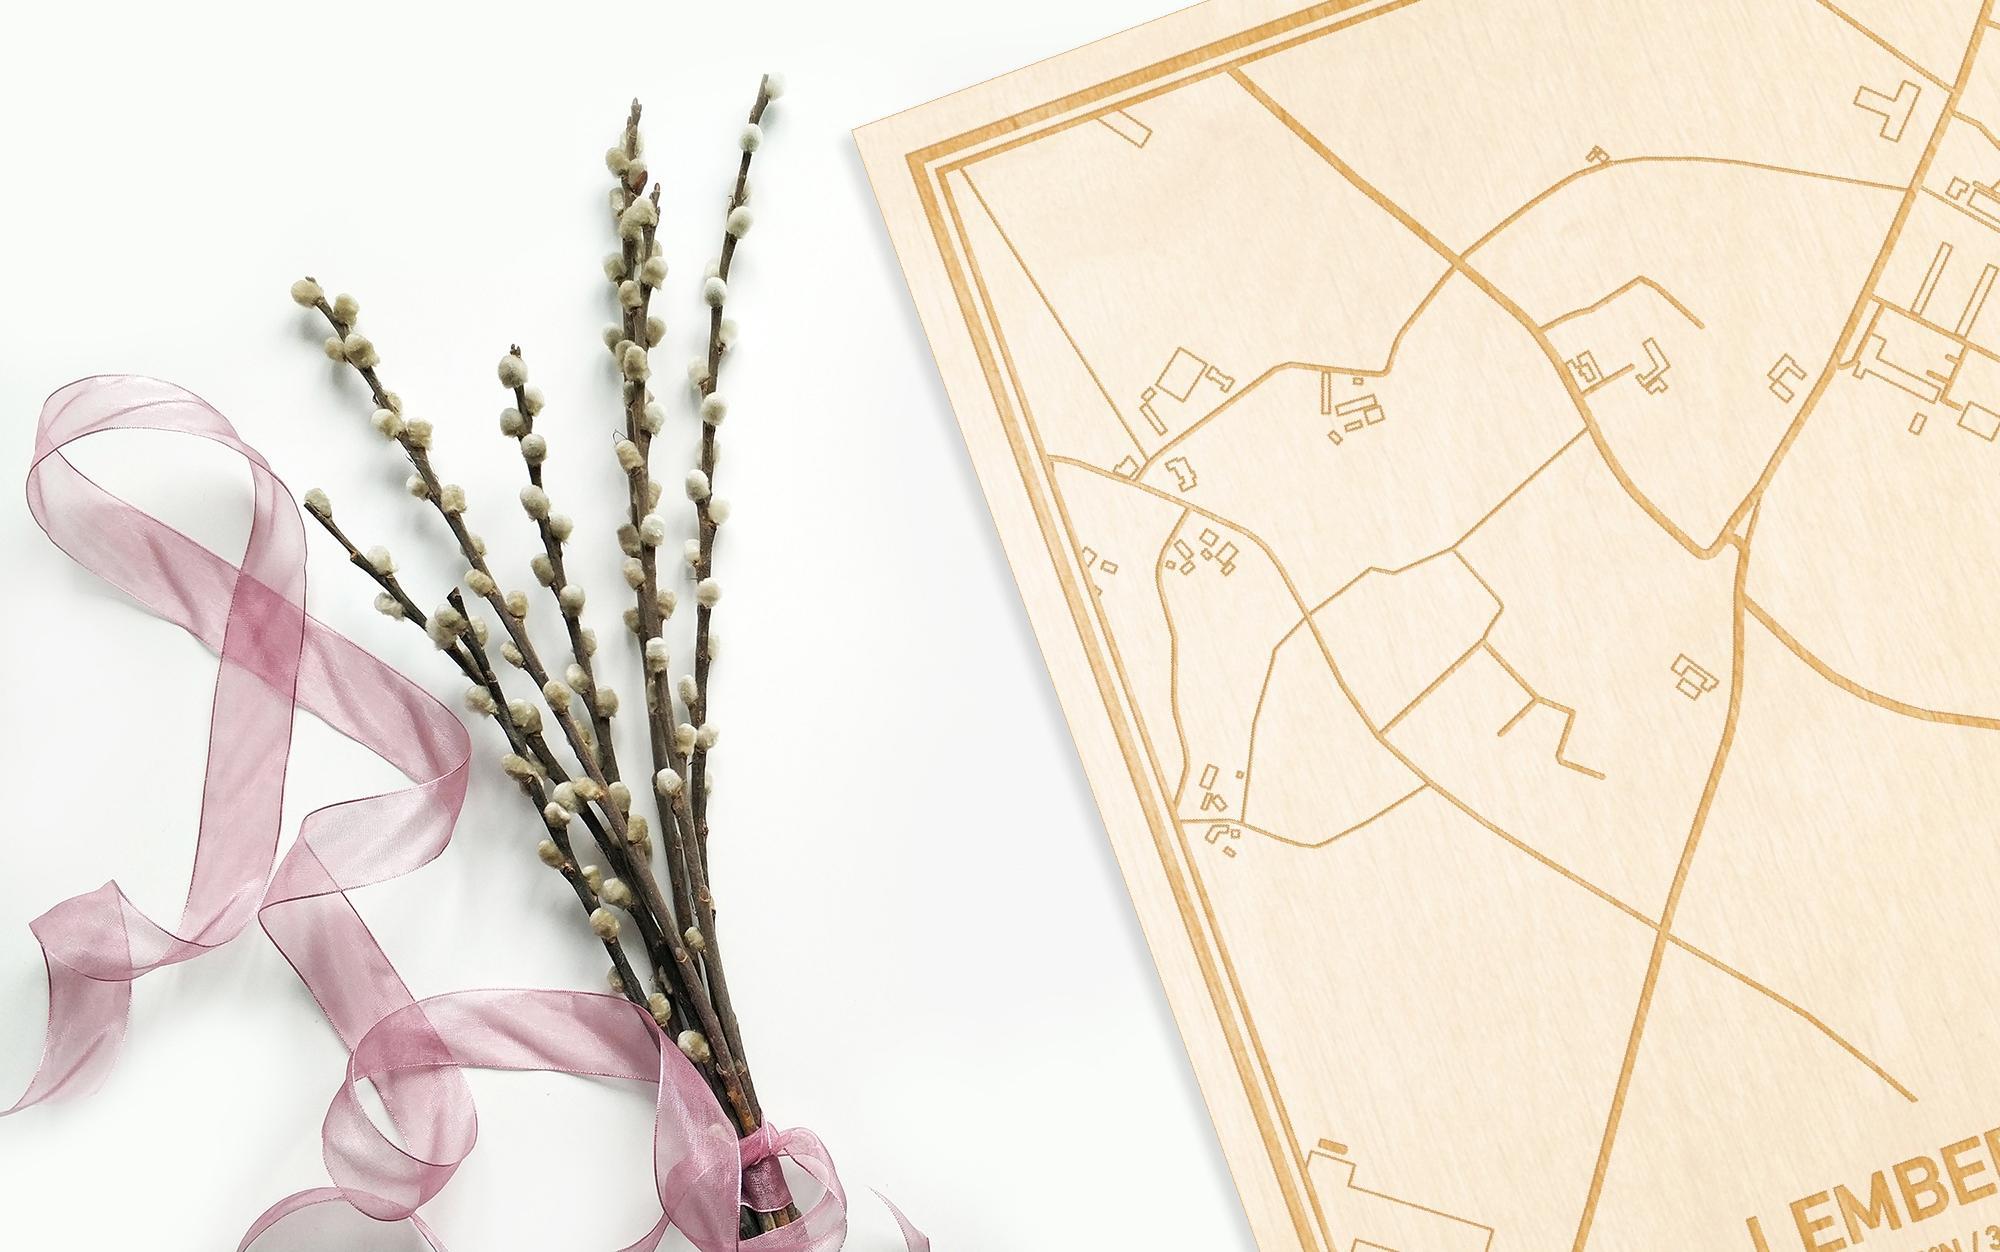 Hier ligt de houten plattegrond Lemberge naast een bloemetje als gepersonaliseerd cadeau voor haar.